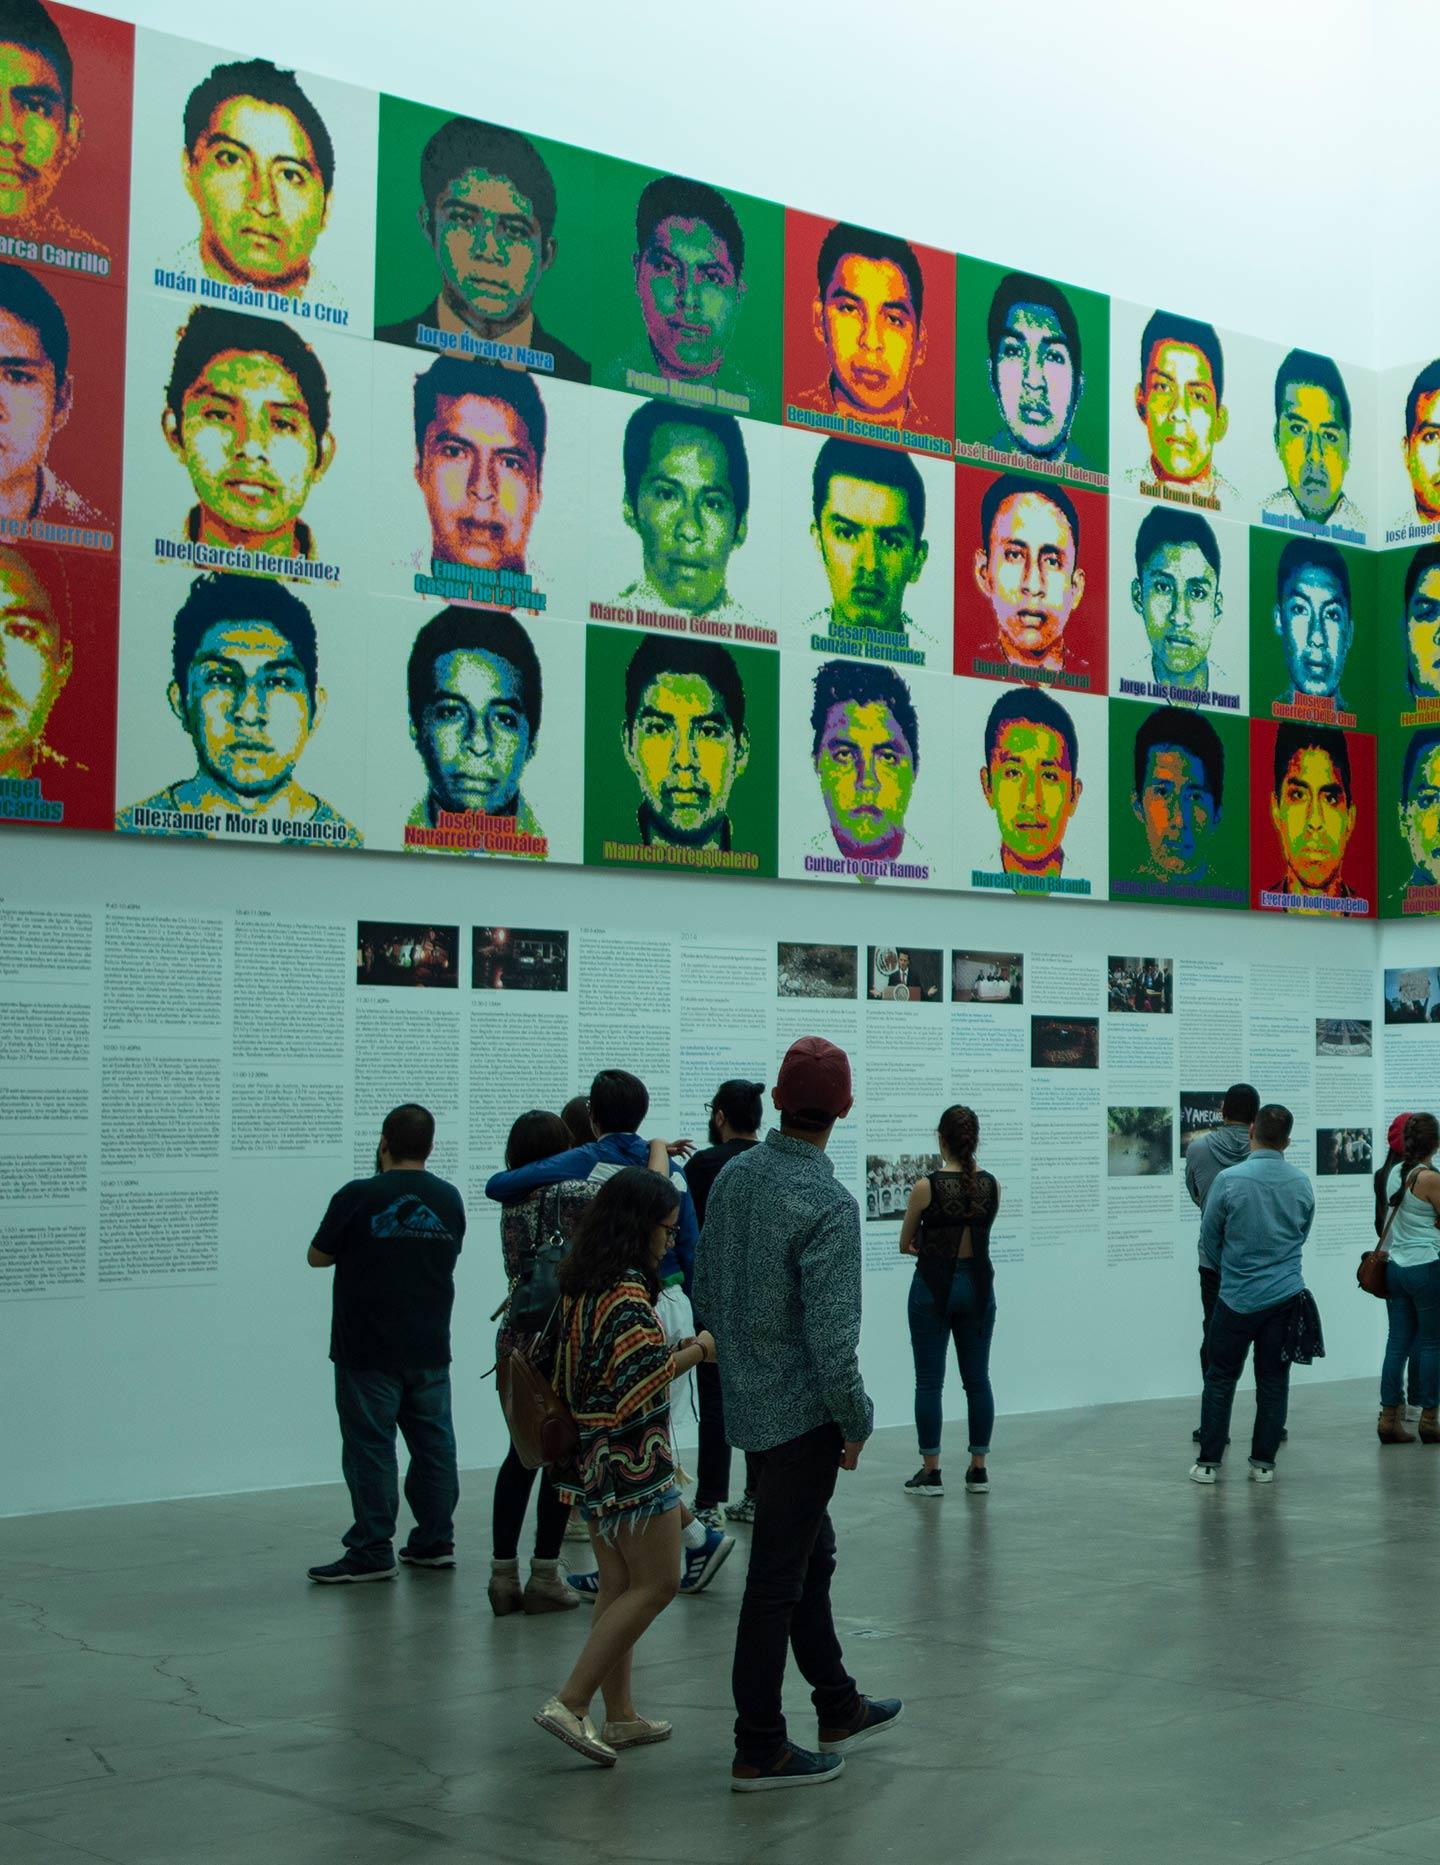 43 desaparecidos ai weiwei obra